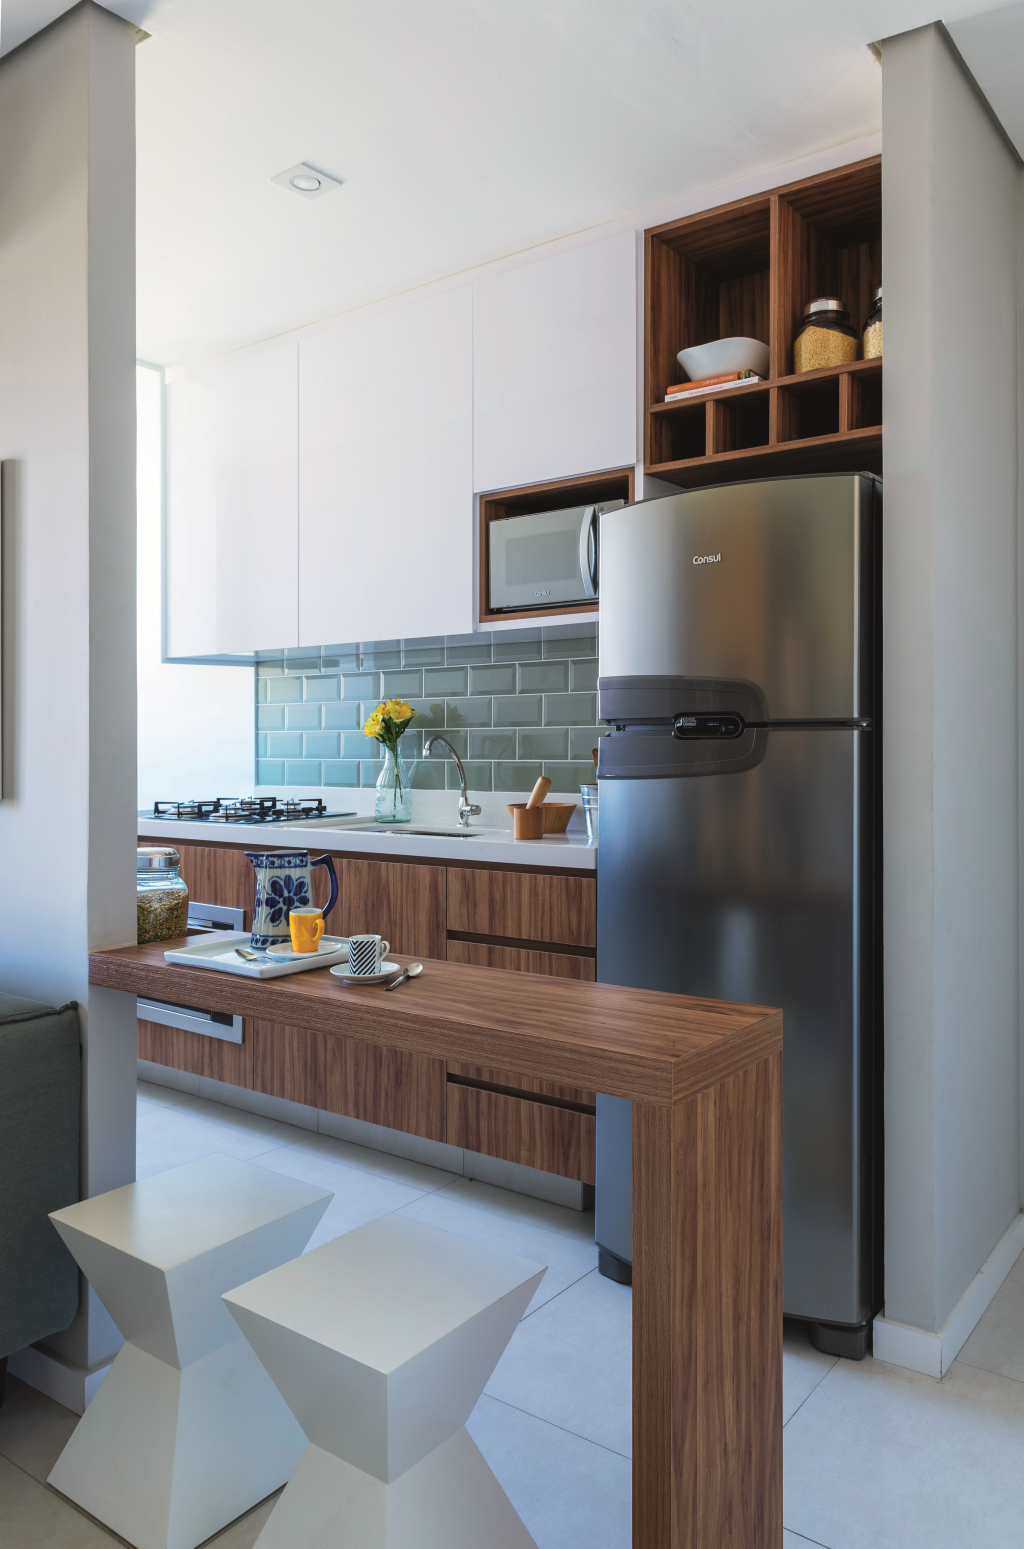 Apartamento pequeno 45 m decorados com charme e estilo for Cocinas modernas para apartamentos pequenos